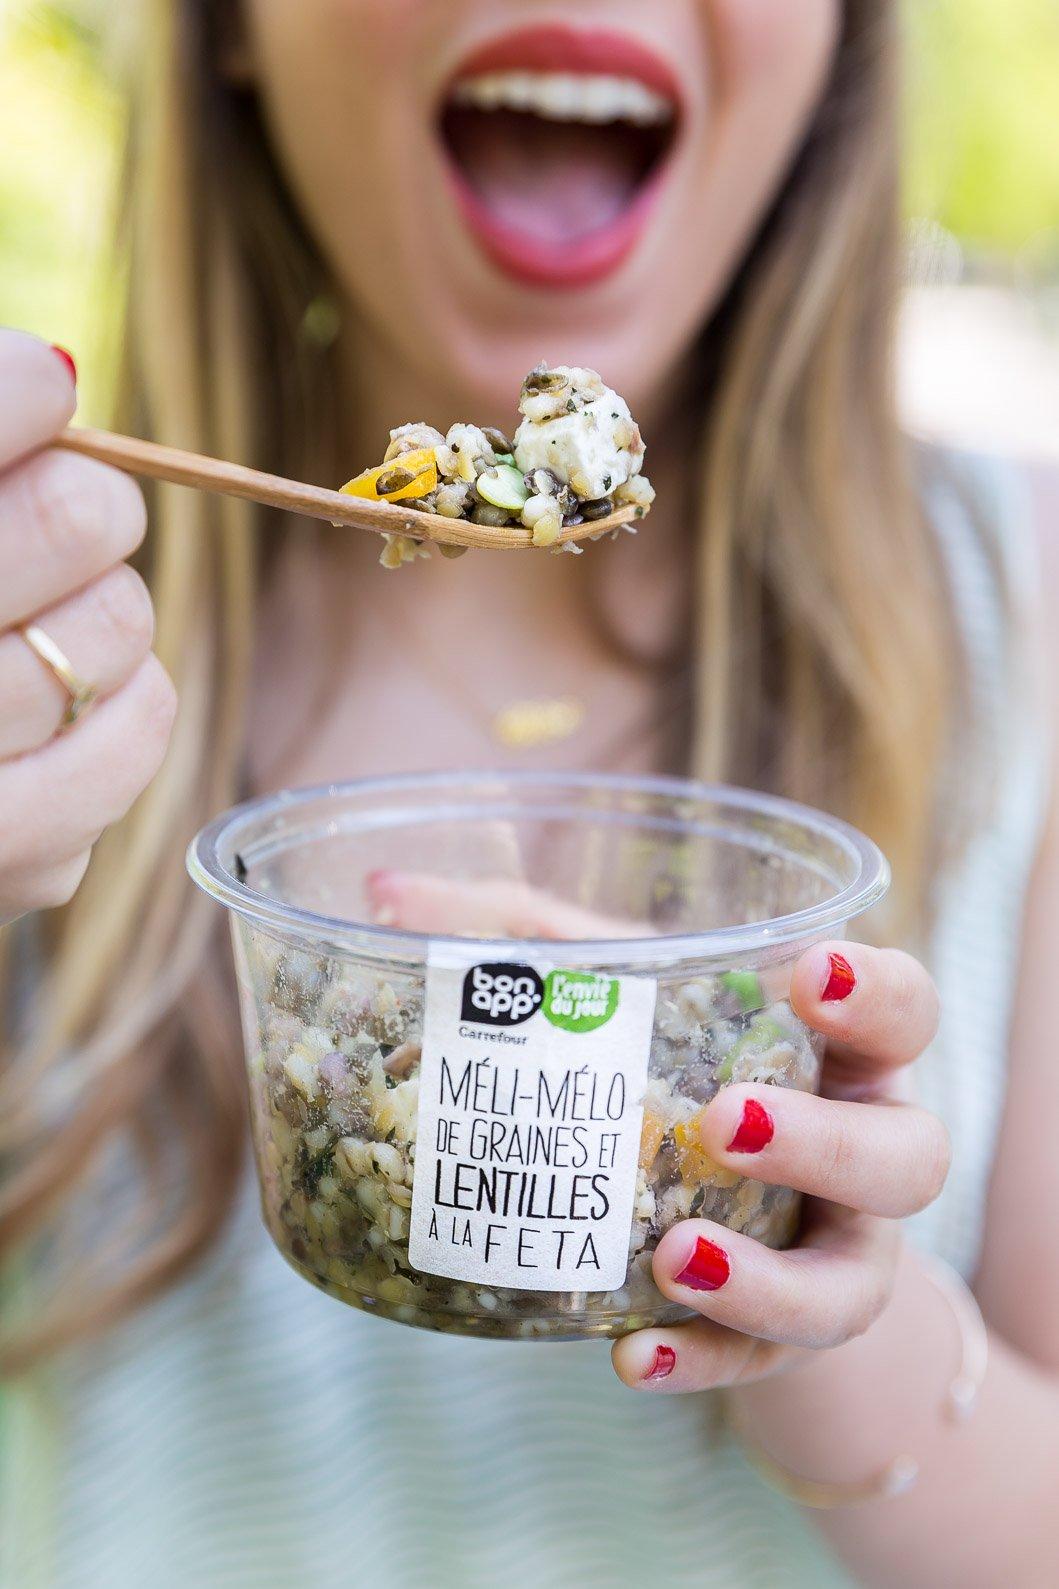 Salade graines lentilles carrefour